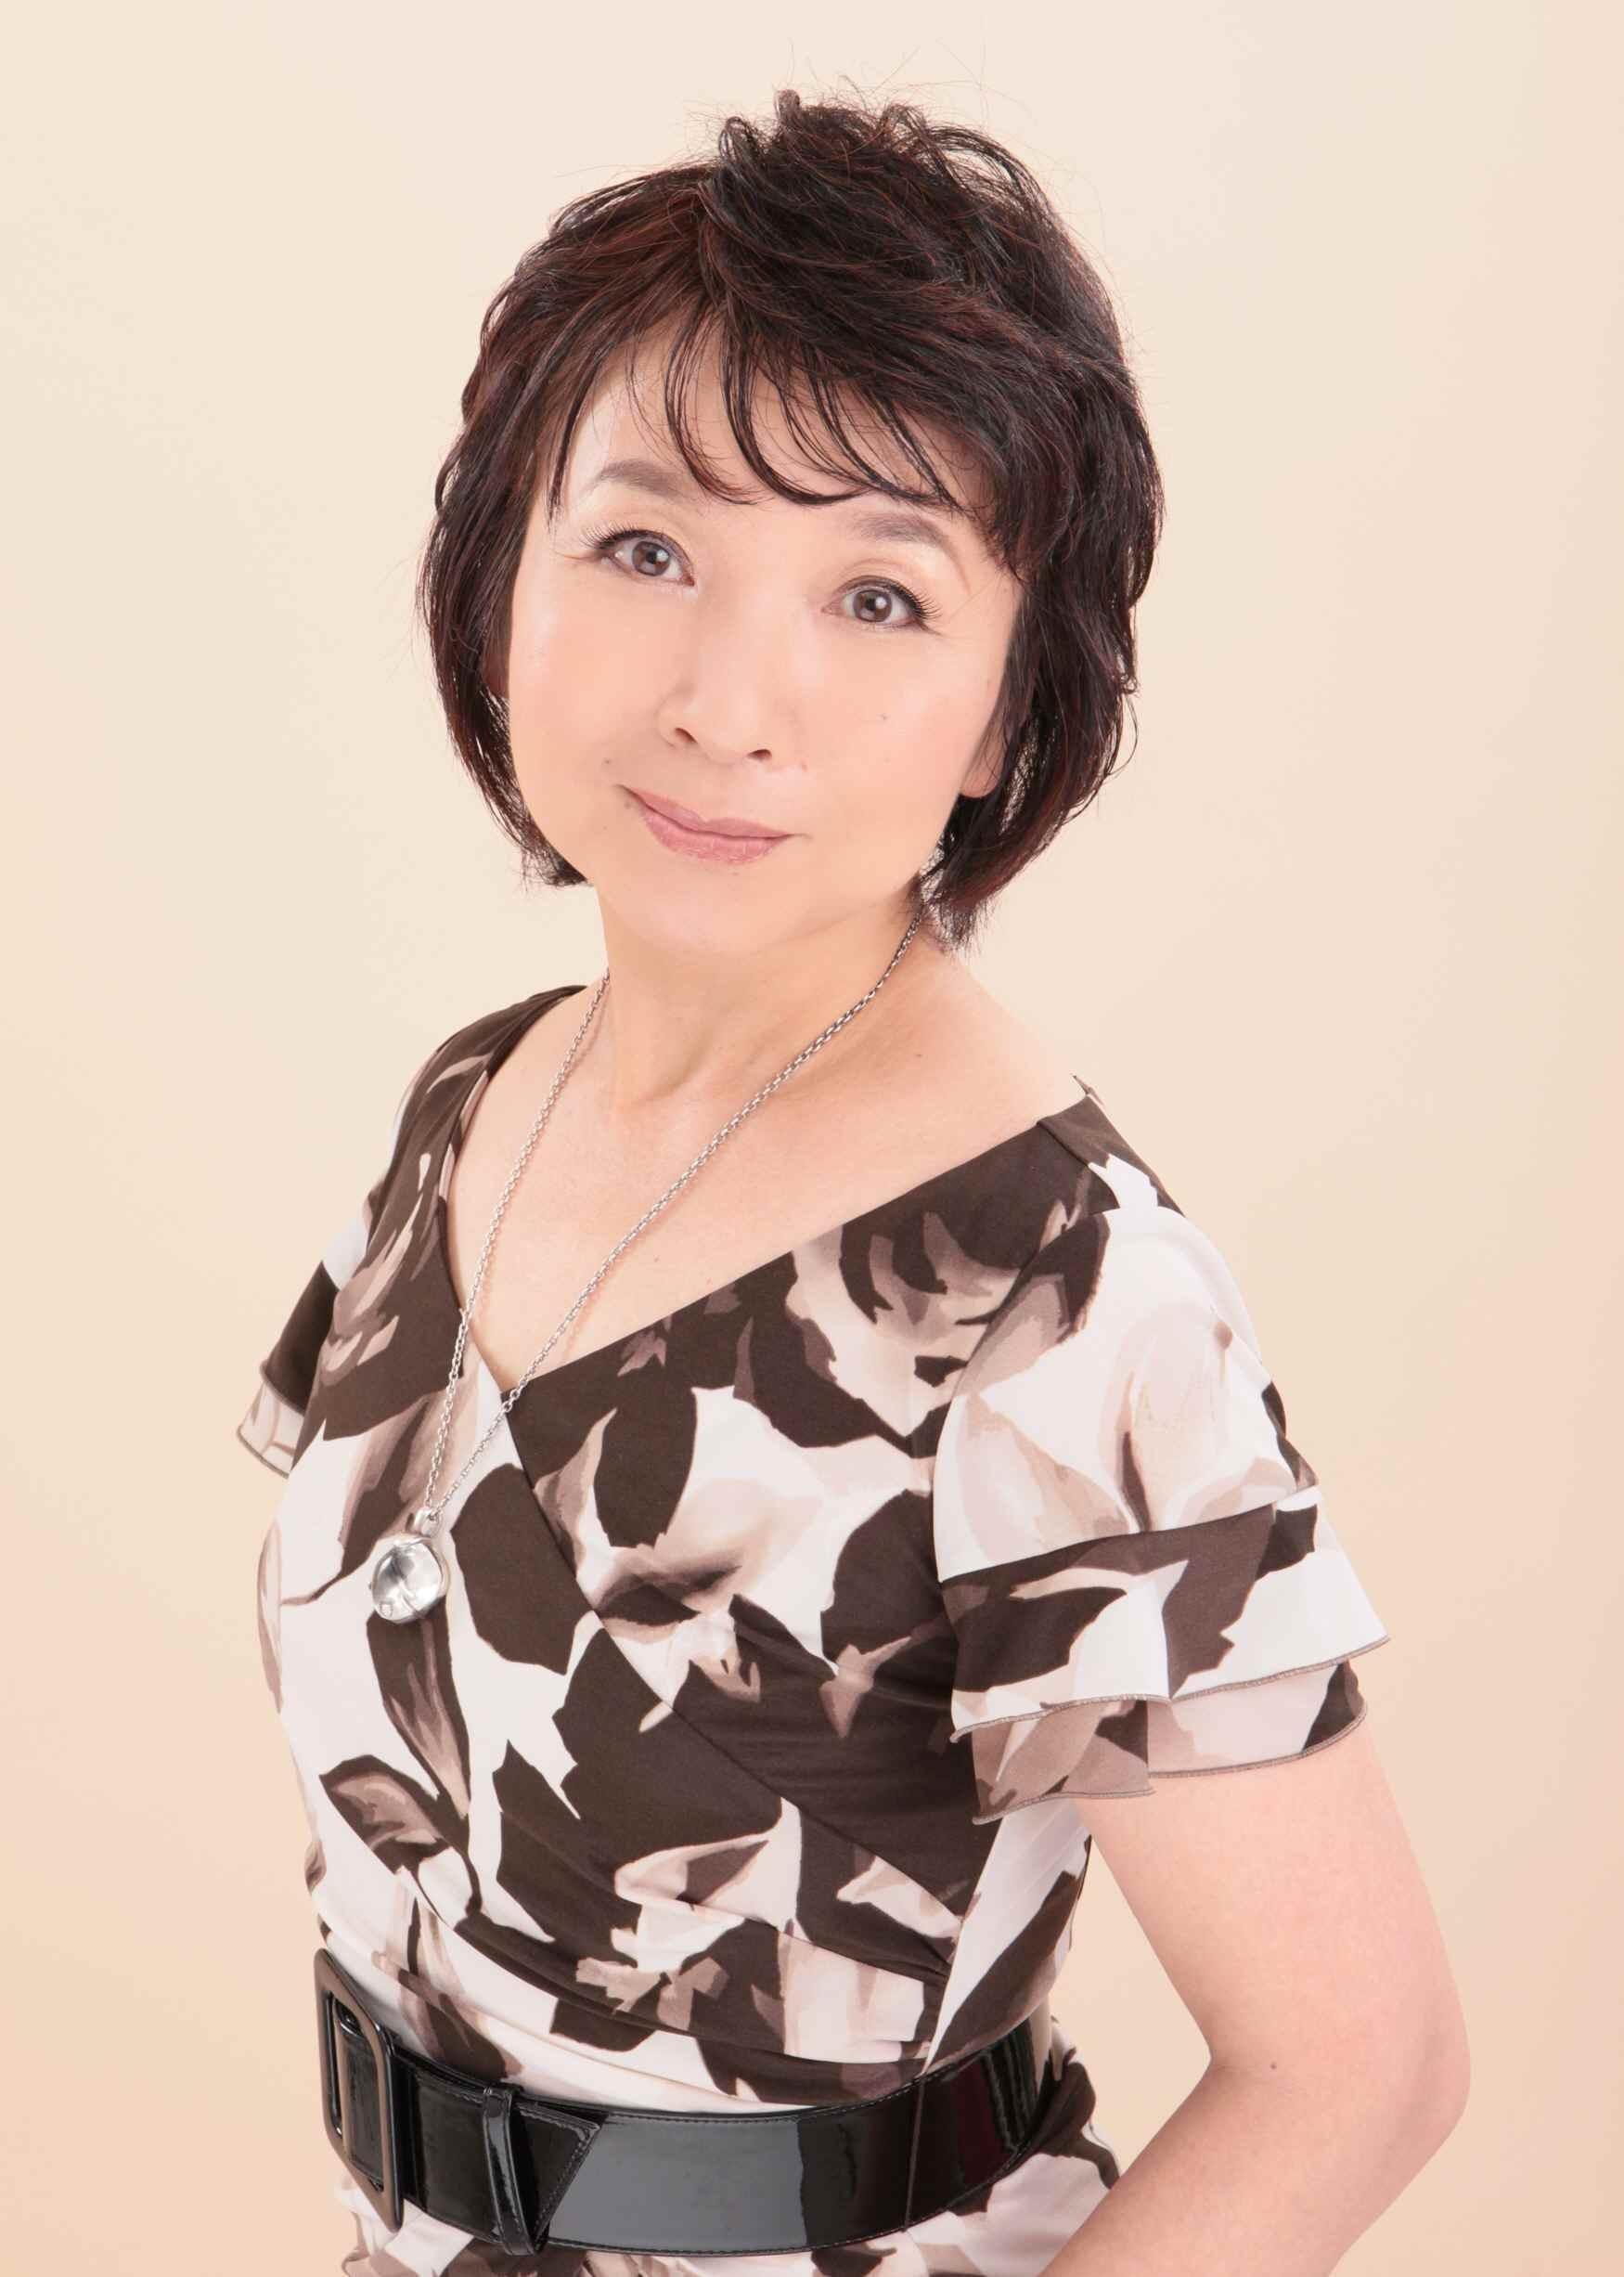 大石ゆう■個性心理學認定講師・カウンセラー&カラーセラピスト